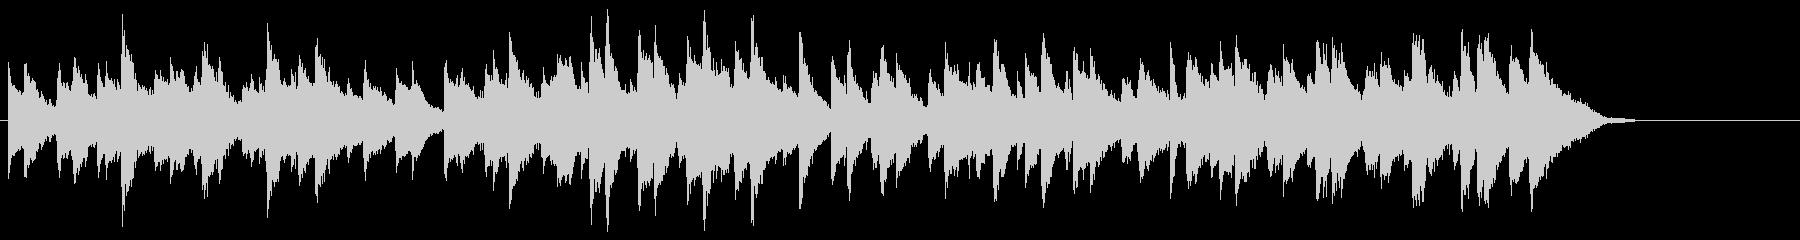 ペリの女王(オーベール作曲)の未再生の波形